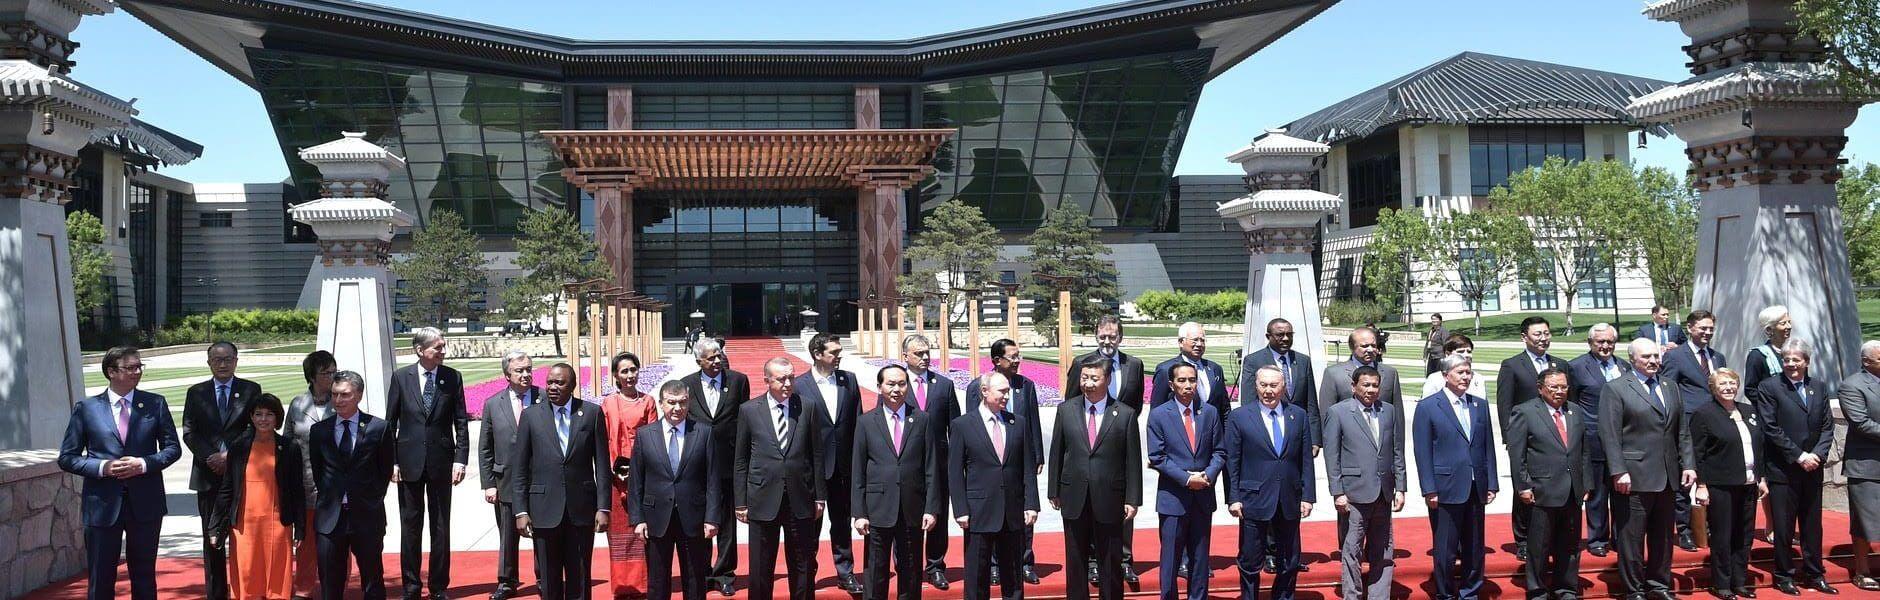 מפגש הפורום הבינלאומי ליוזמת החגורה והדרך, בייג'ינג, 2017 // צילום: לשכת העיתונות של נשיא רוסיה